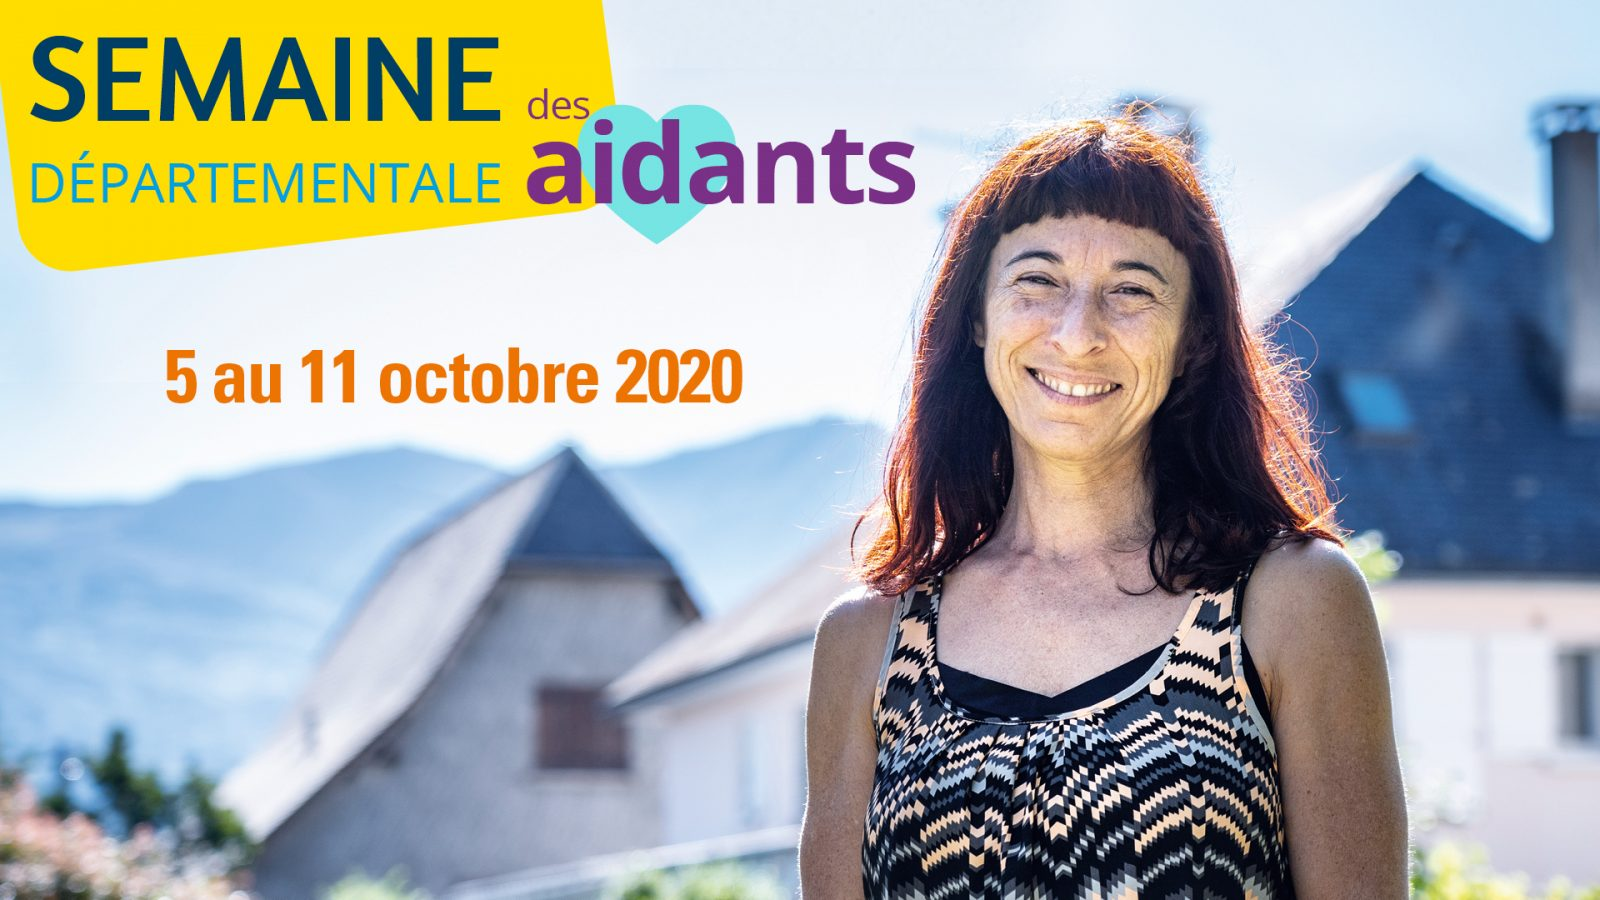 Département des Hautes Pyrénées : la semaine des aidants 2020